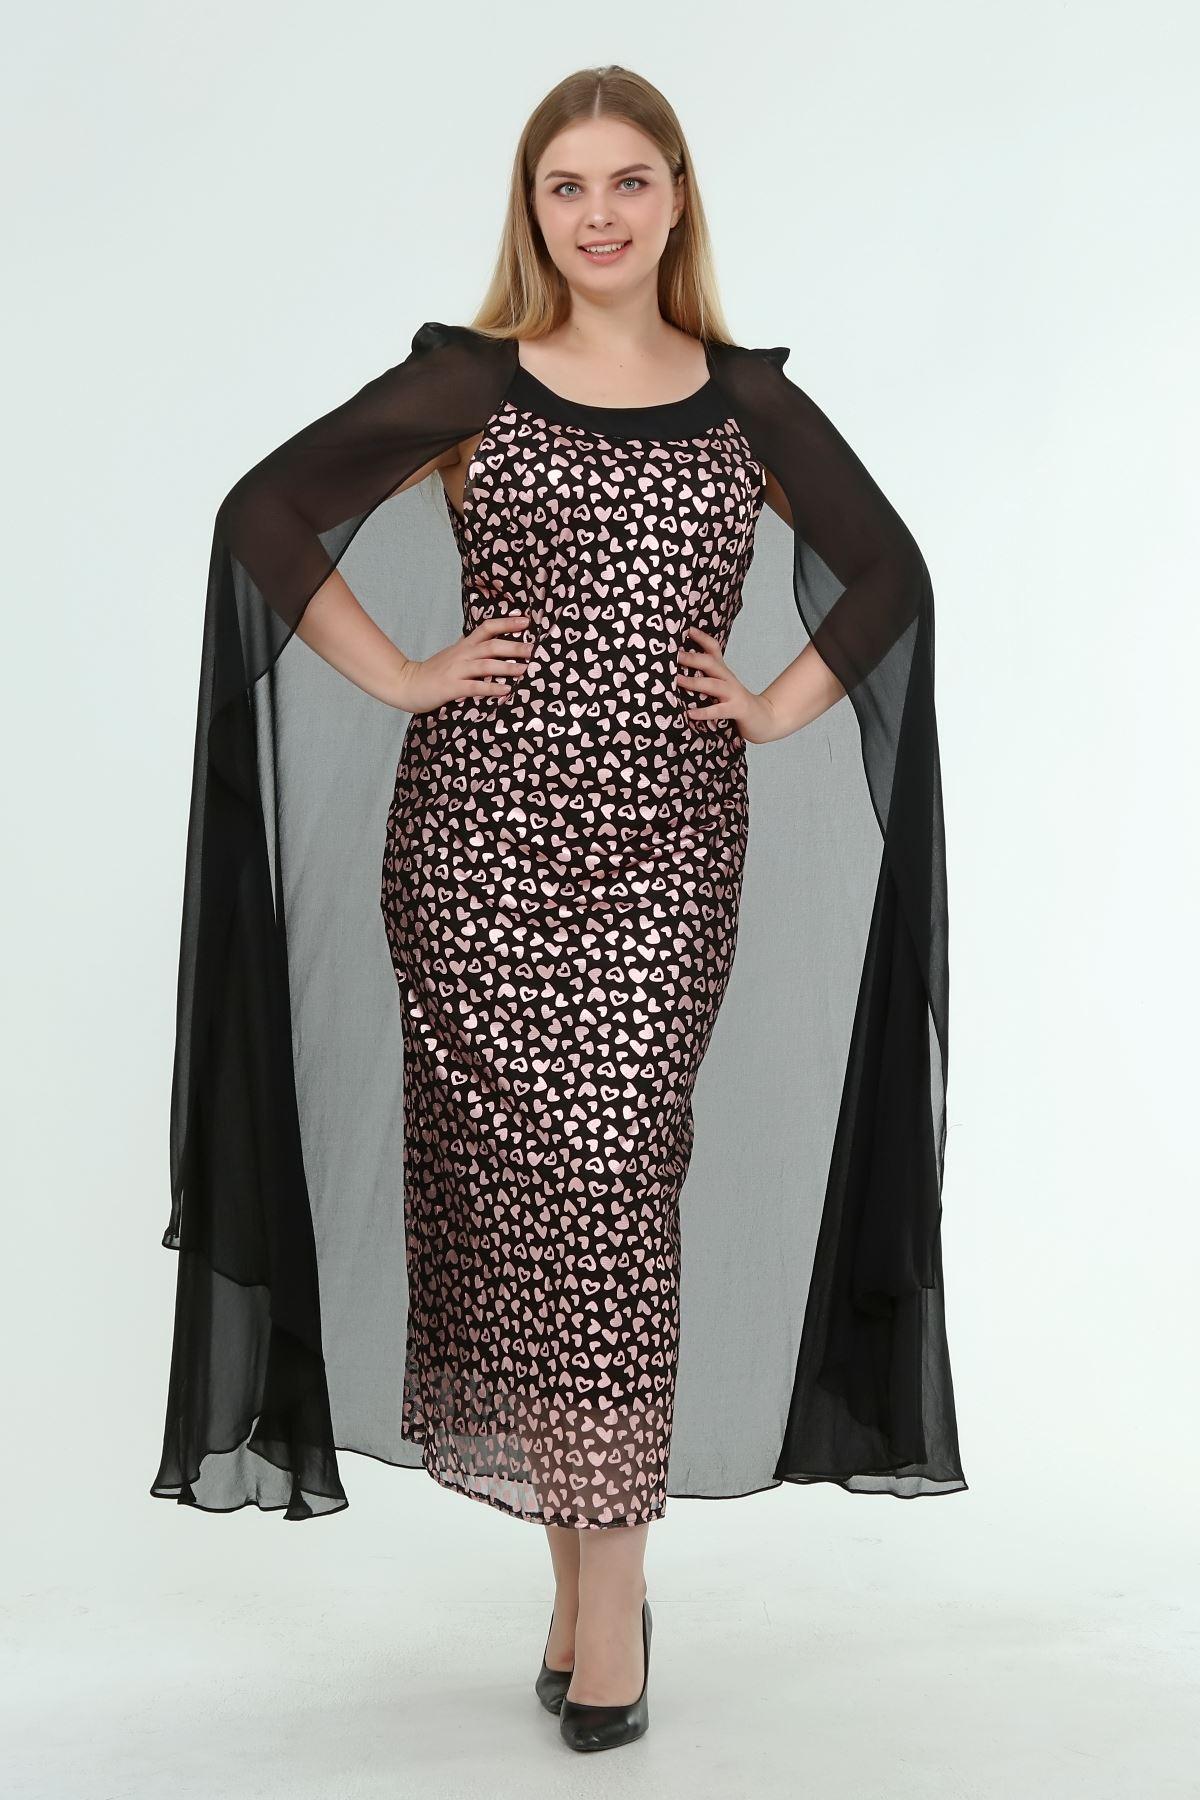 Kadın Büyük Beden Siyah Desenli Pelerinli Gece Elbisesi  A1-4053